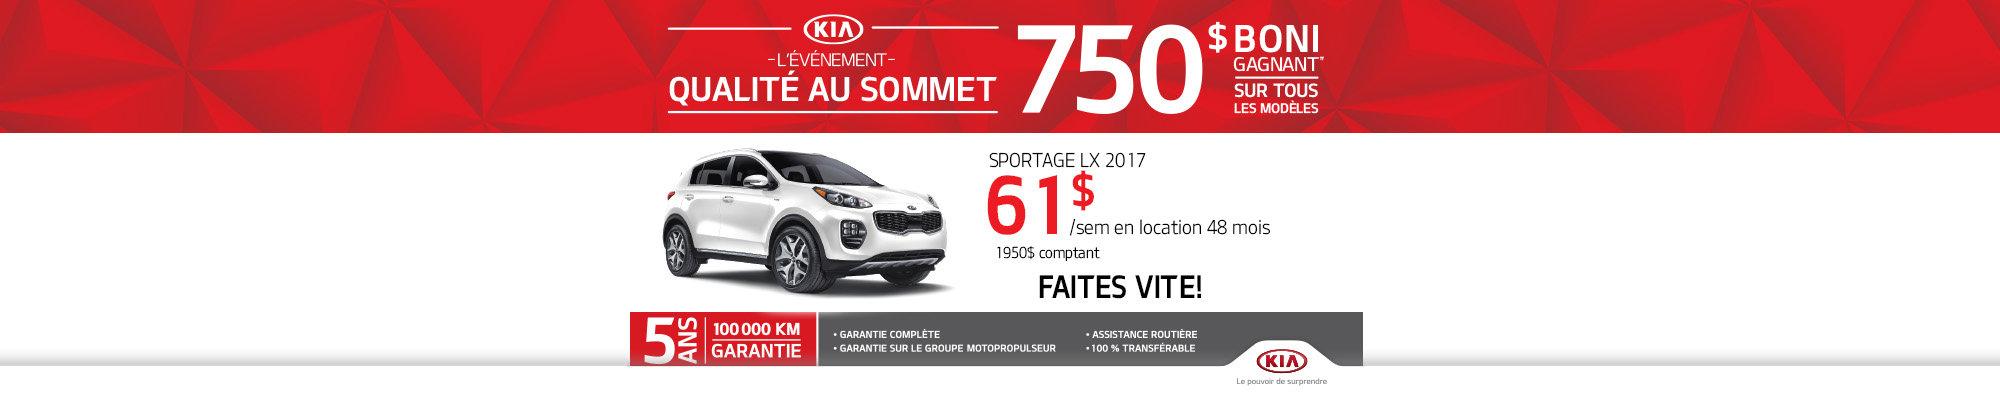 Événement qualité au sommet: Le Kia Sportage 2017